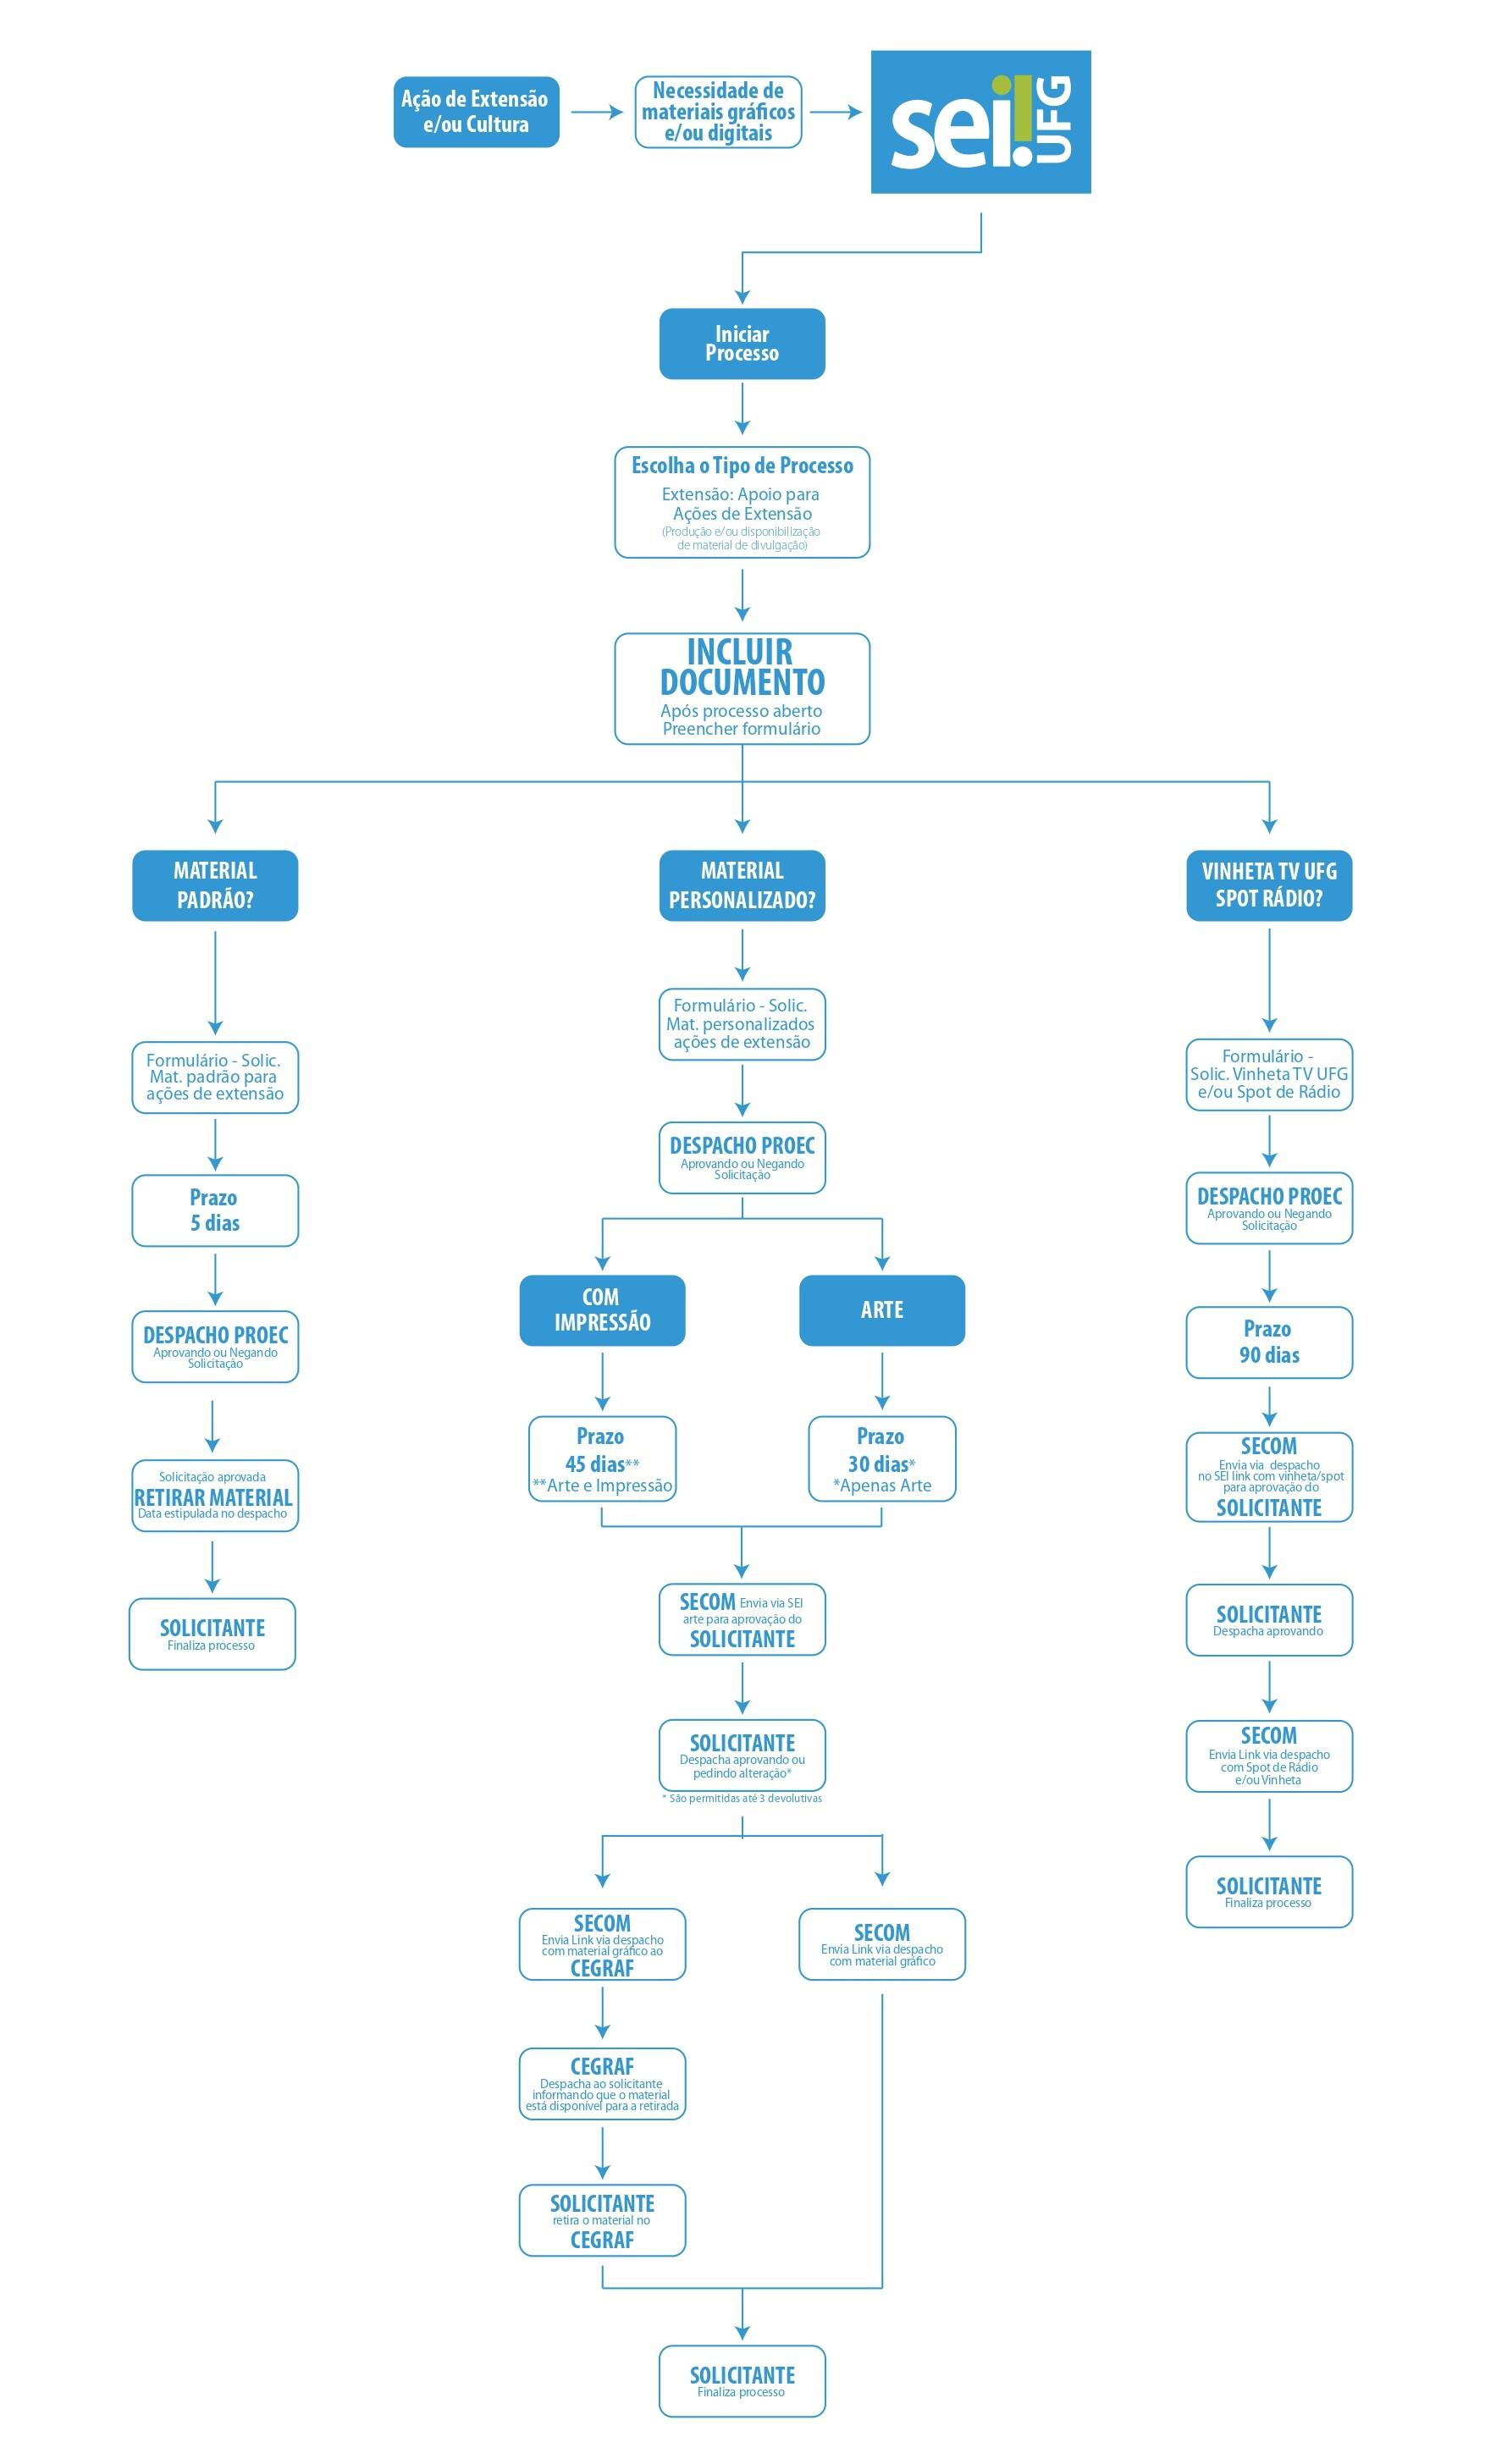 Fluxograma para orientar a solicitação de Materiais Gráficos e Digitais da PROEC.